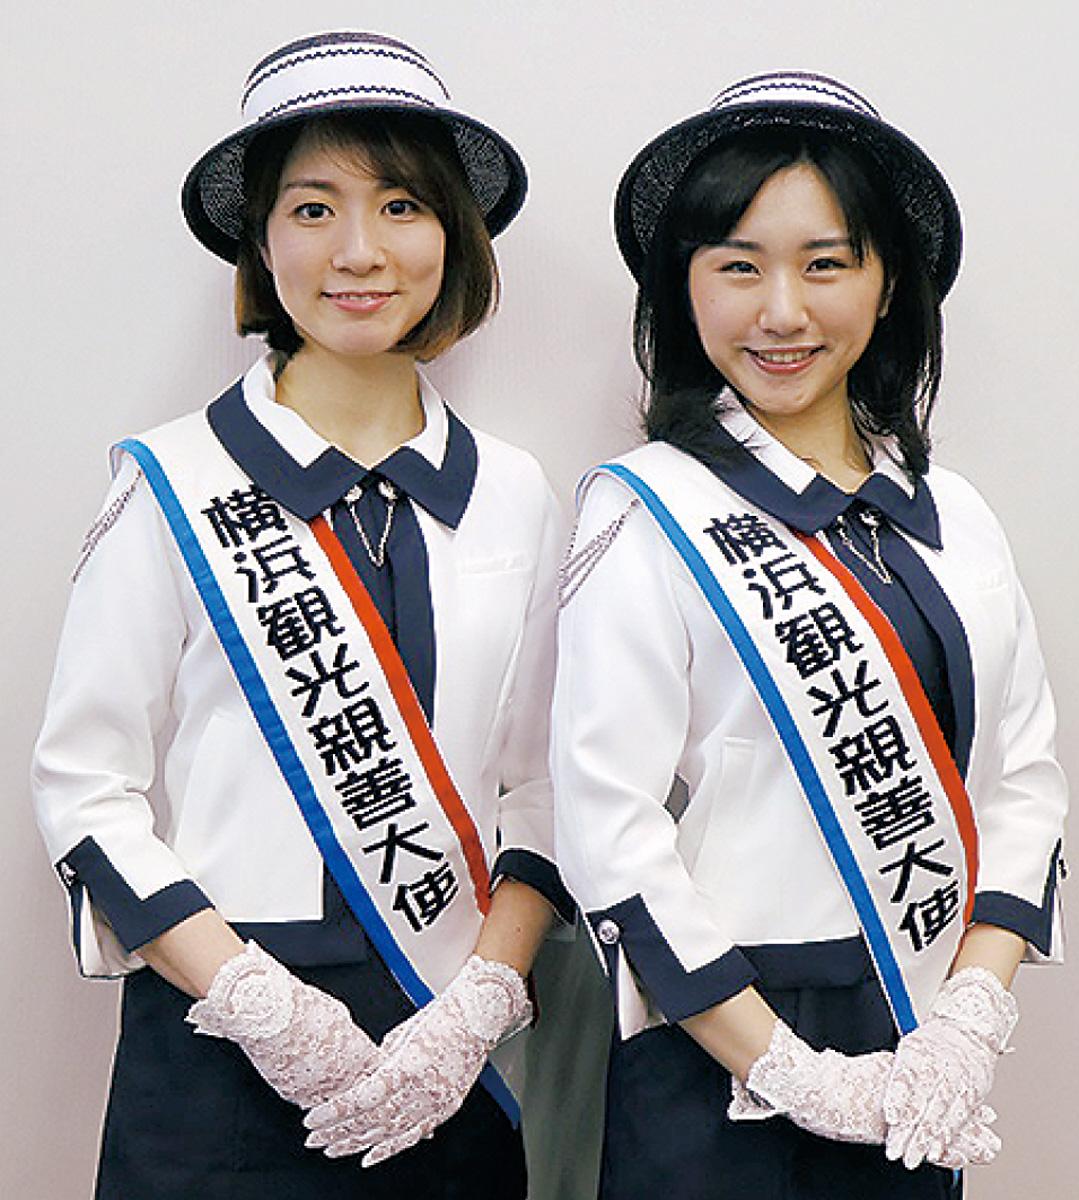 現在活動する2人の大使